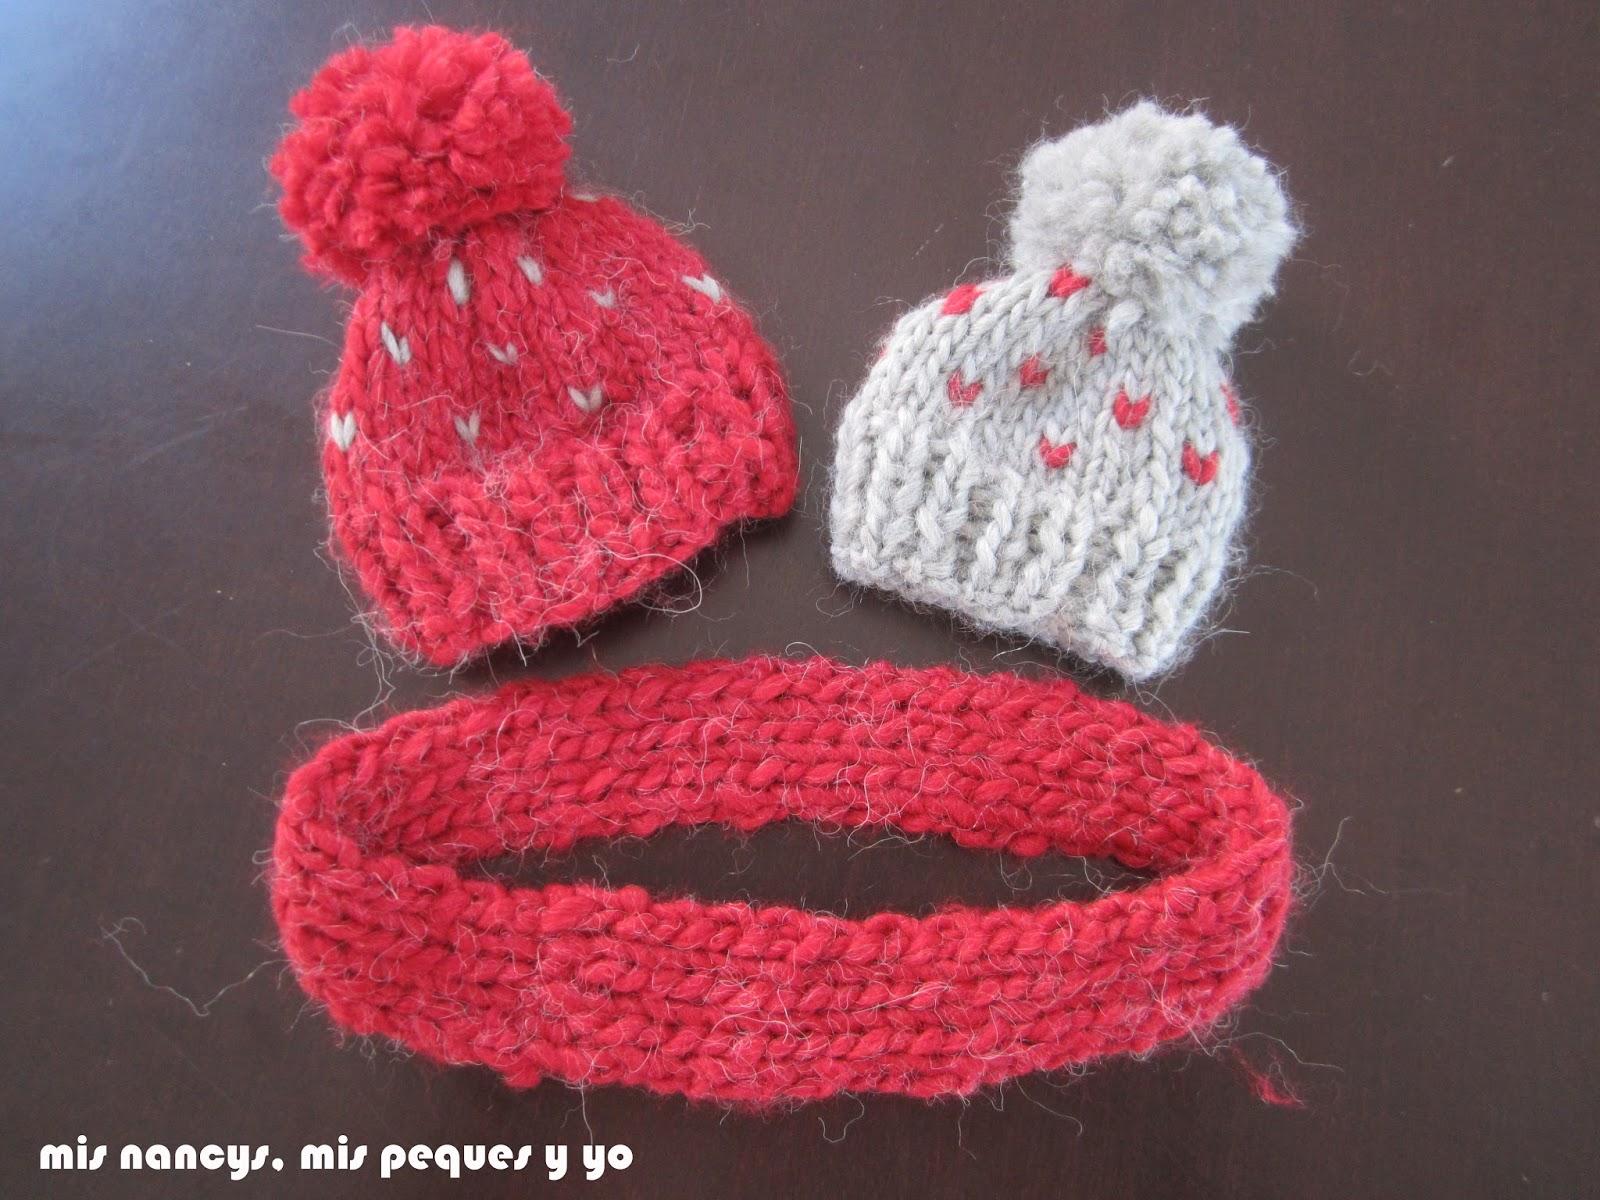 mis nancys, mis peques y yo, tutorial gorros de lana  y bufanda cerrada nancy